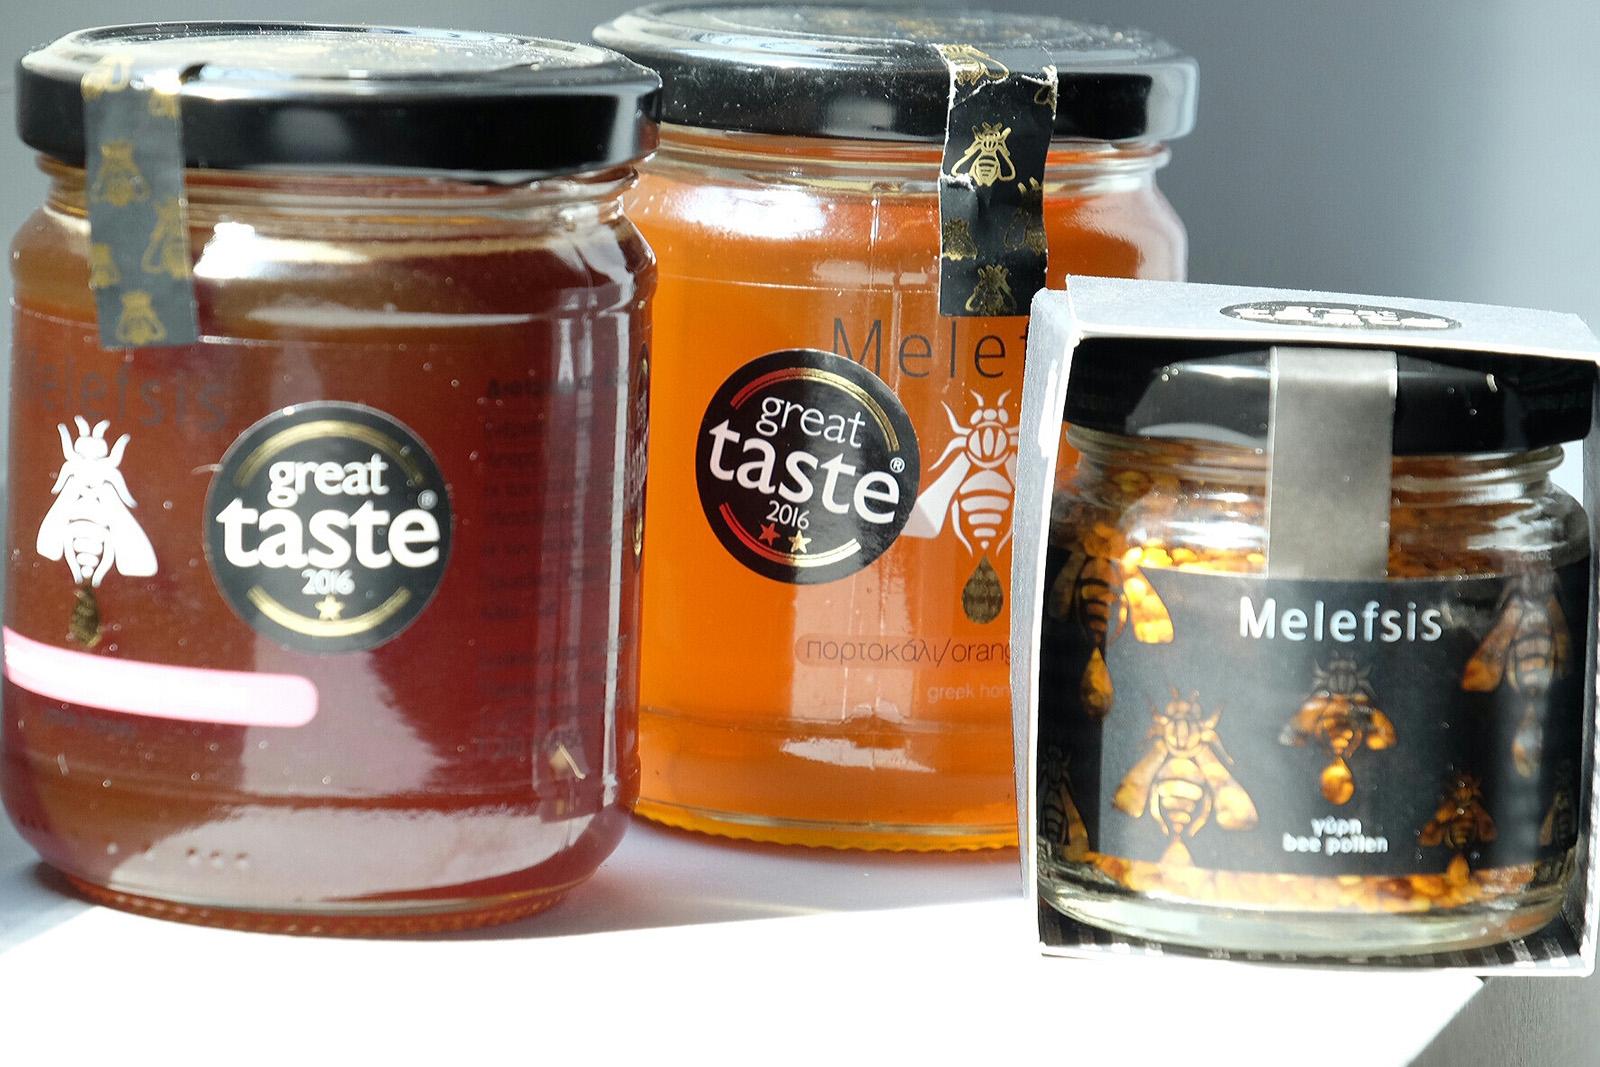 Řecké medy a pylová zrnka s oceněním Grate Taste